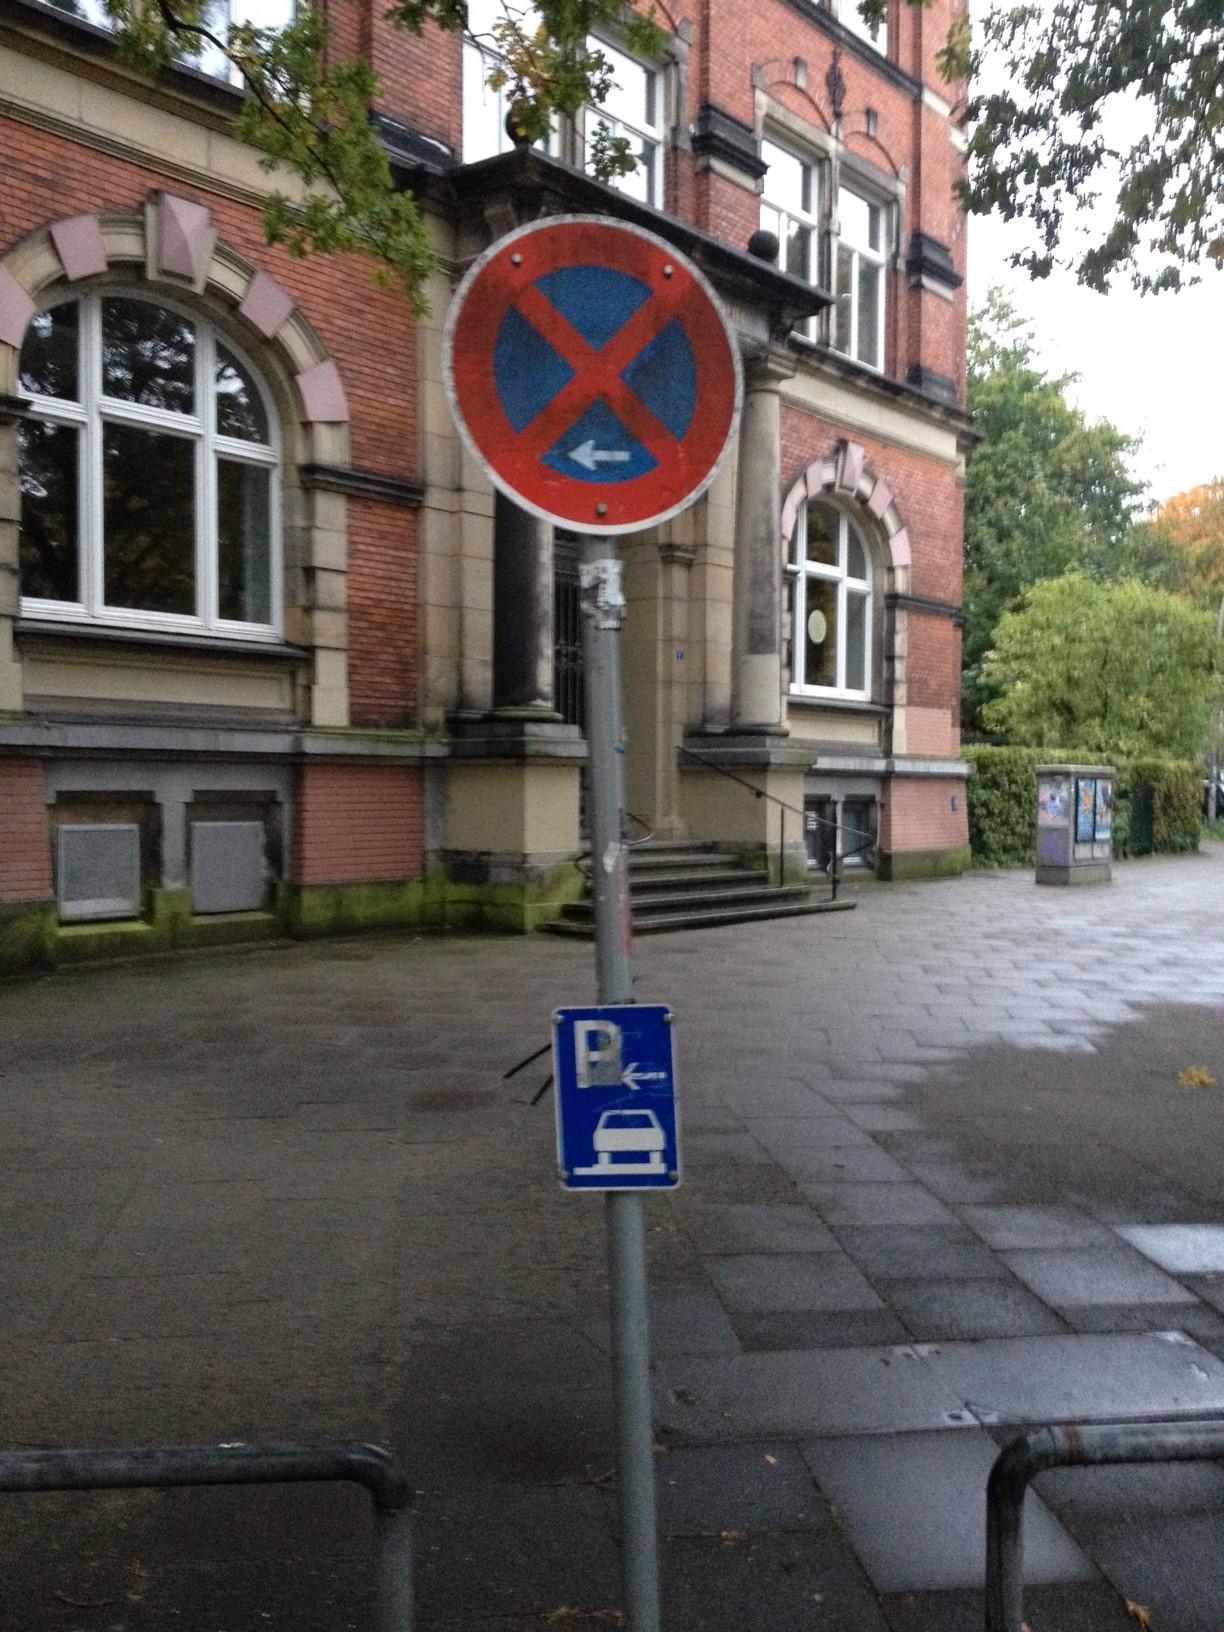 Handelt es sich hier in Ottensen etwa um eine besondere Kurzparkzone, in der nur der parken darf, dem es gelingt, dabei nicht gleichzeitig anzuhalten?